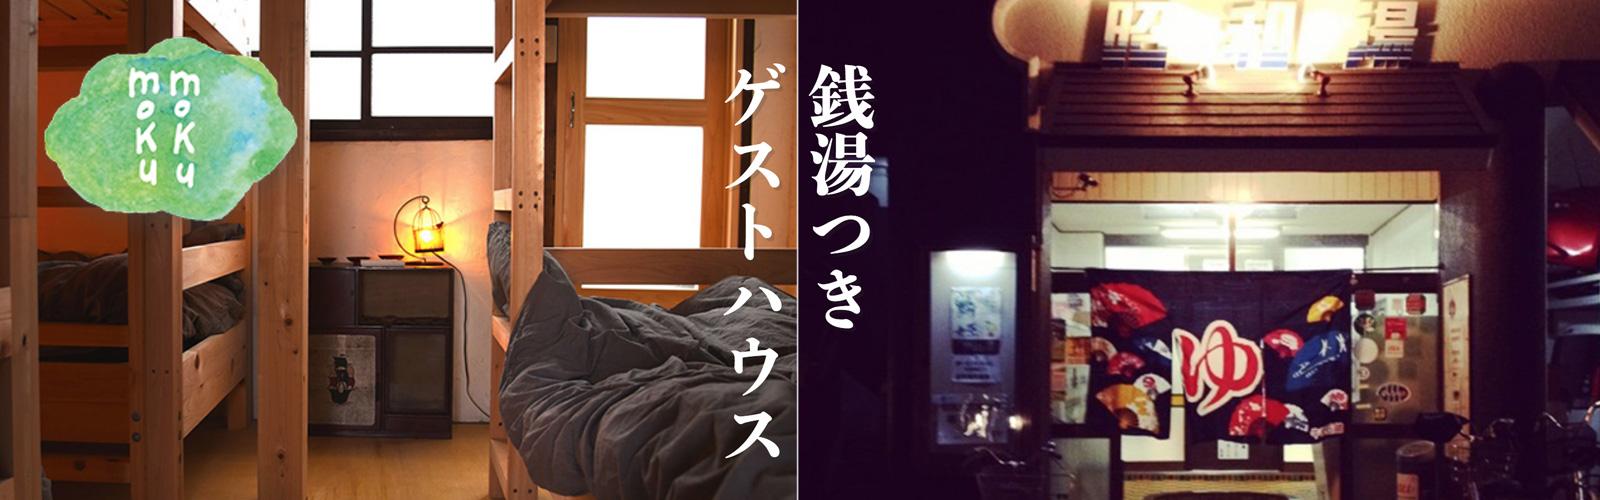 ゲストハウス木雲-mokumoku-(大阪・淡路)